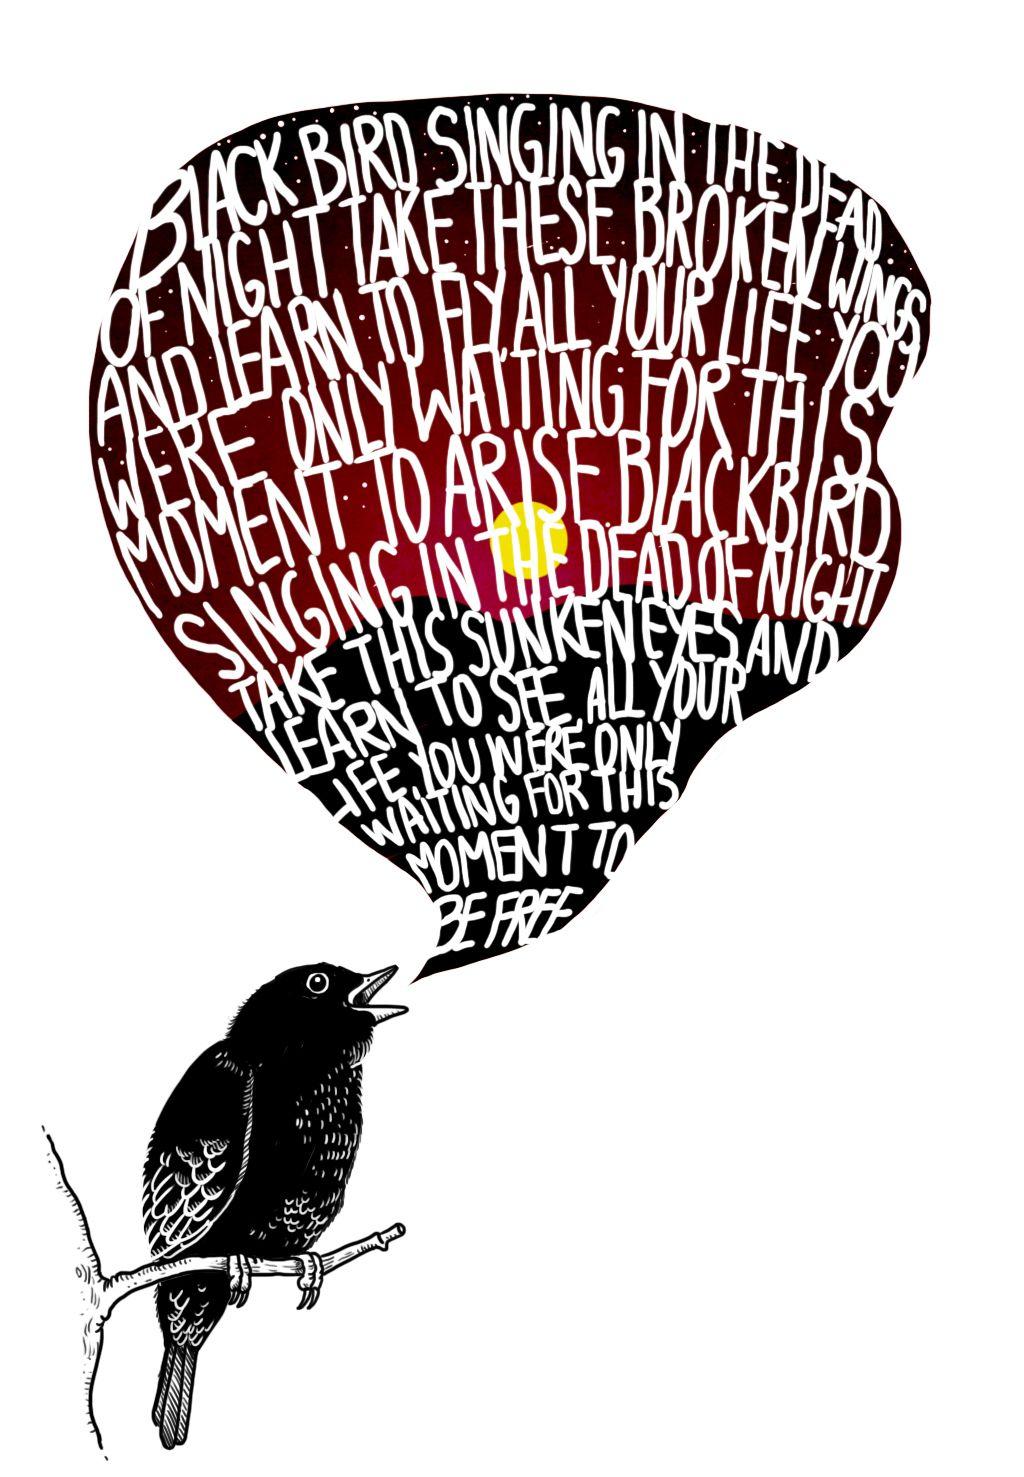 Lyrics containing the term: bird